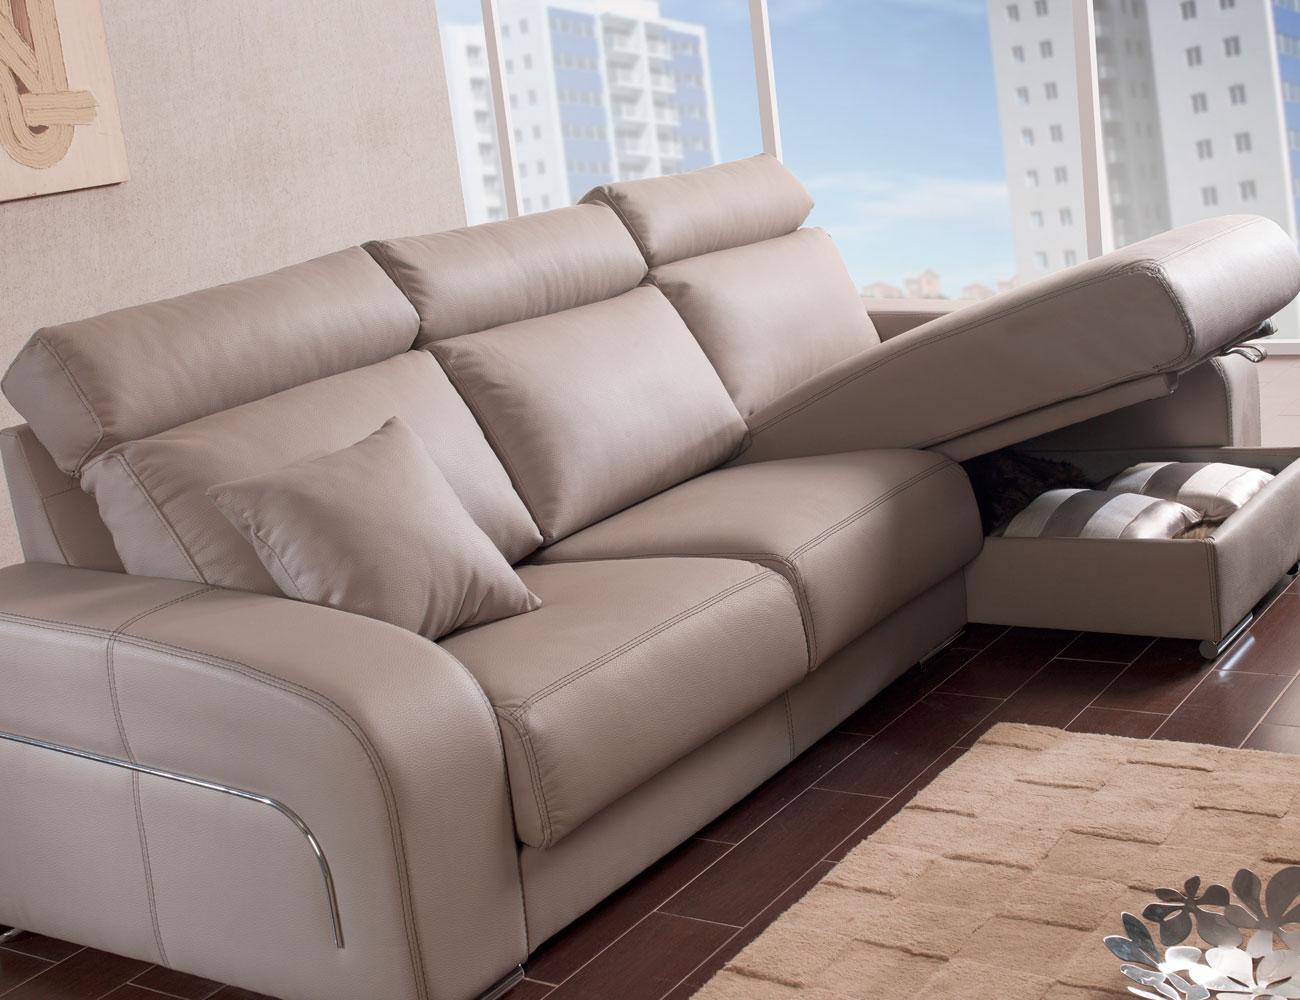 Sofa chaiselongue moderno pared cero arcon58